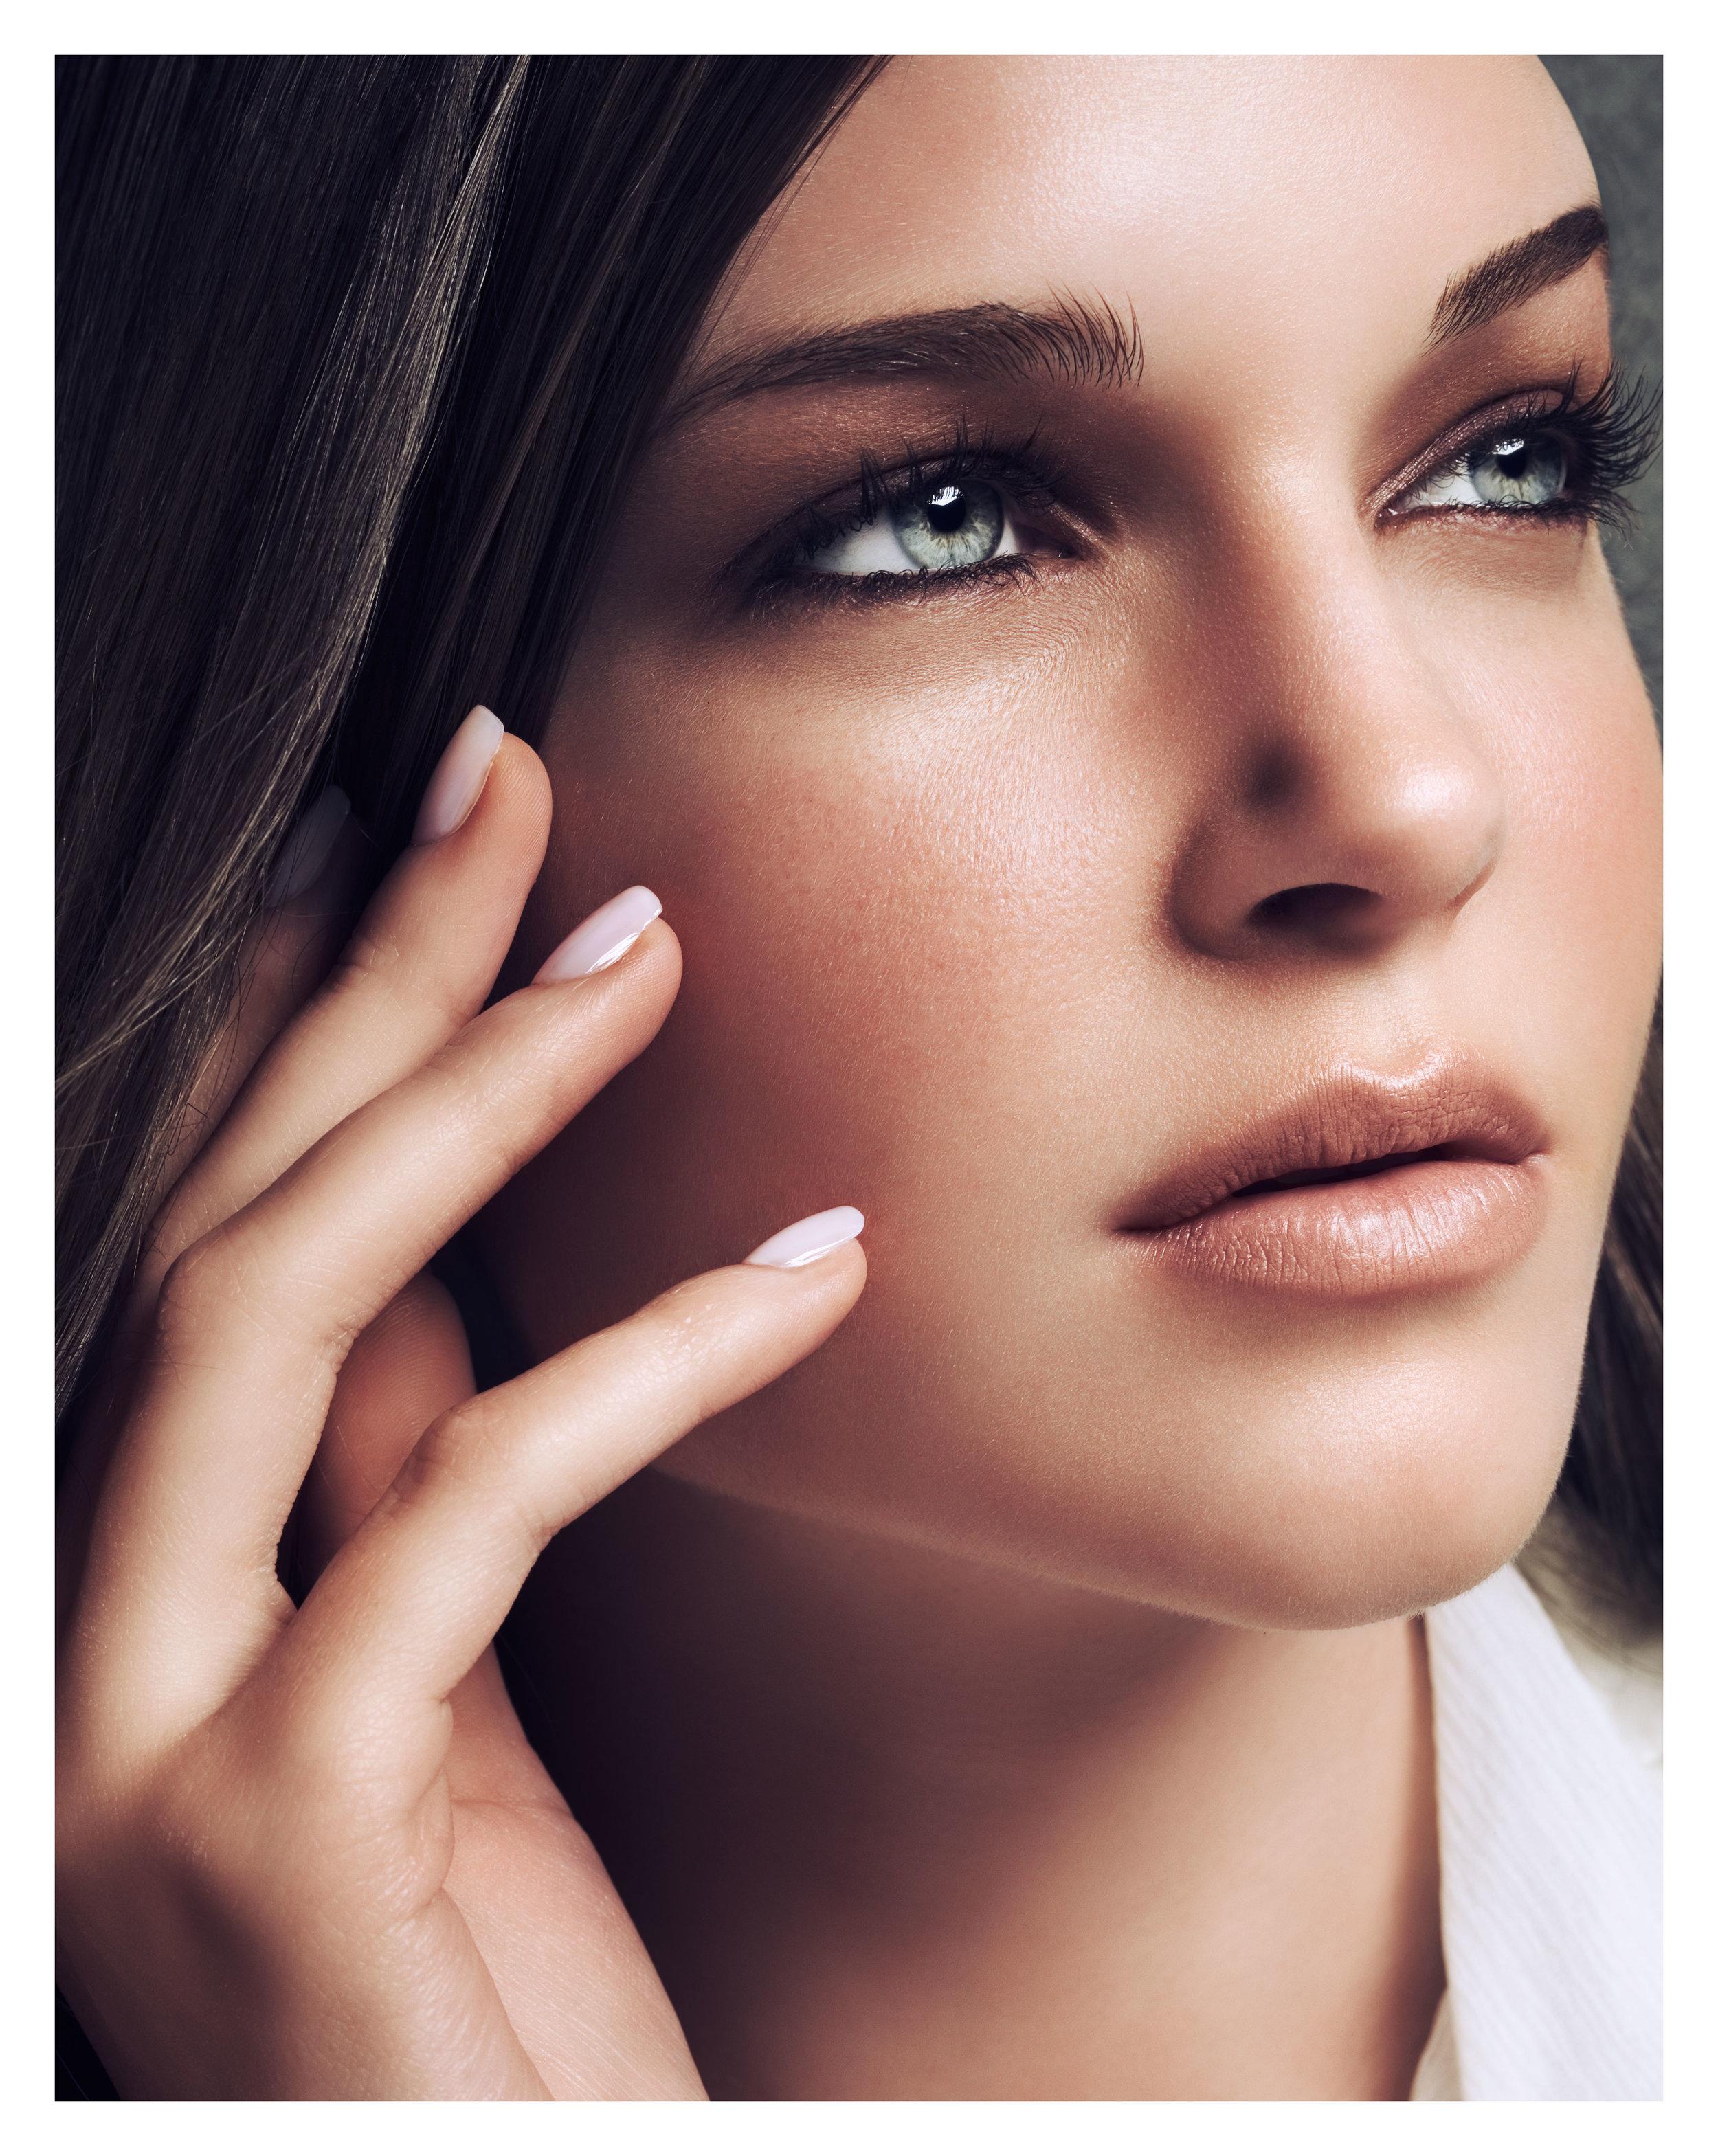 beauty_nails1.jpg